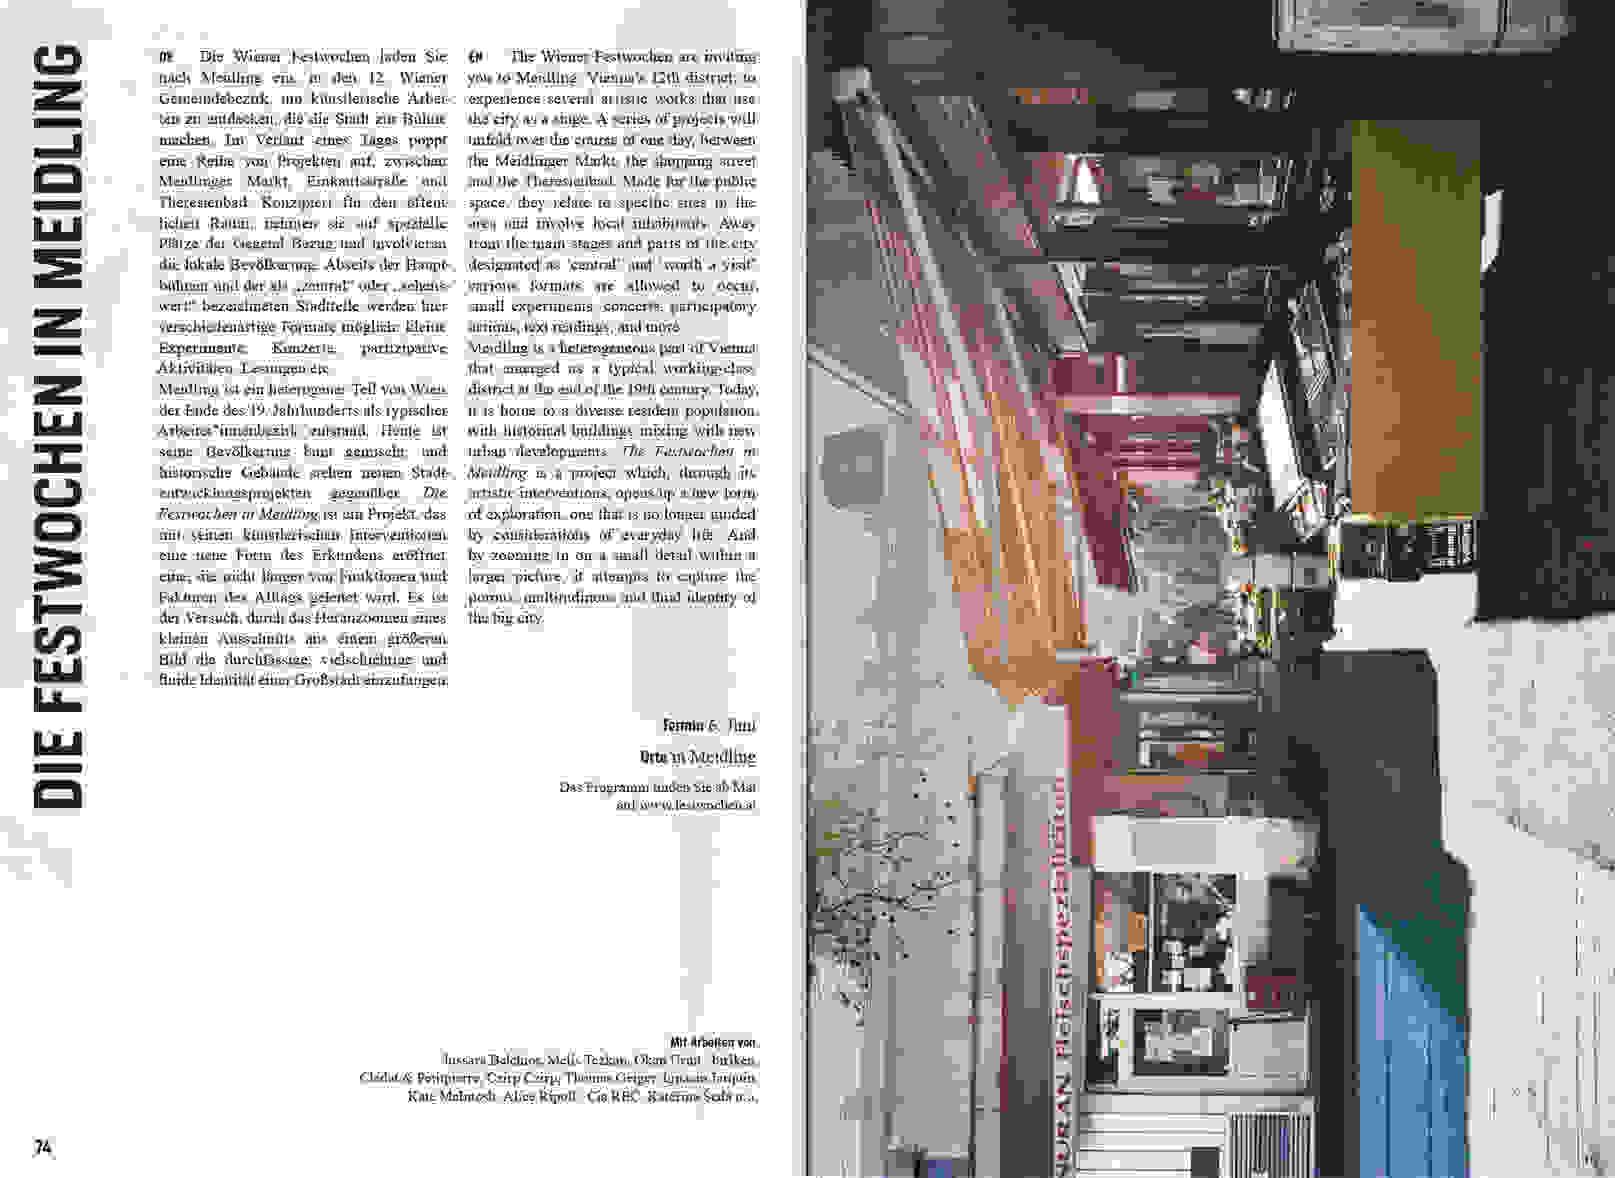 WFW20 Programm Doppelseite 14